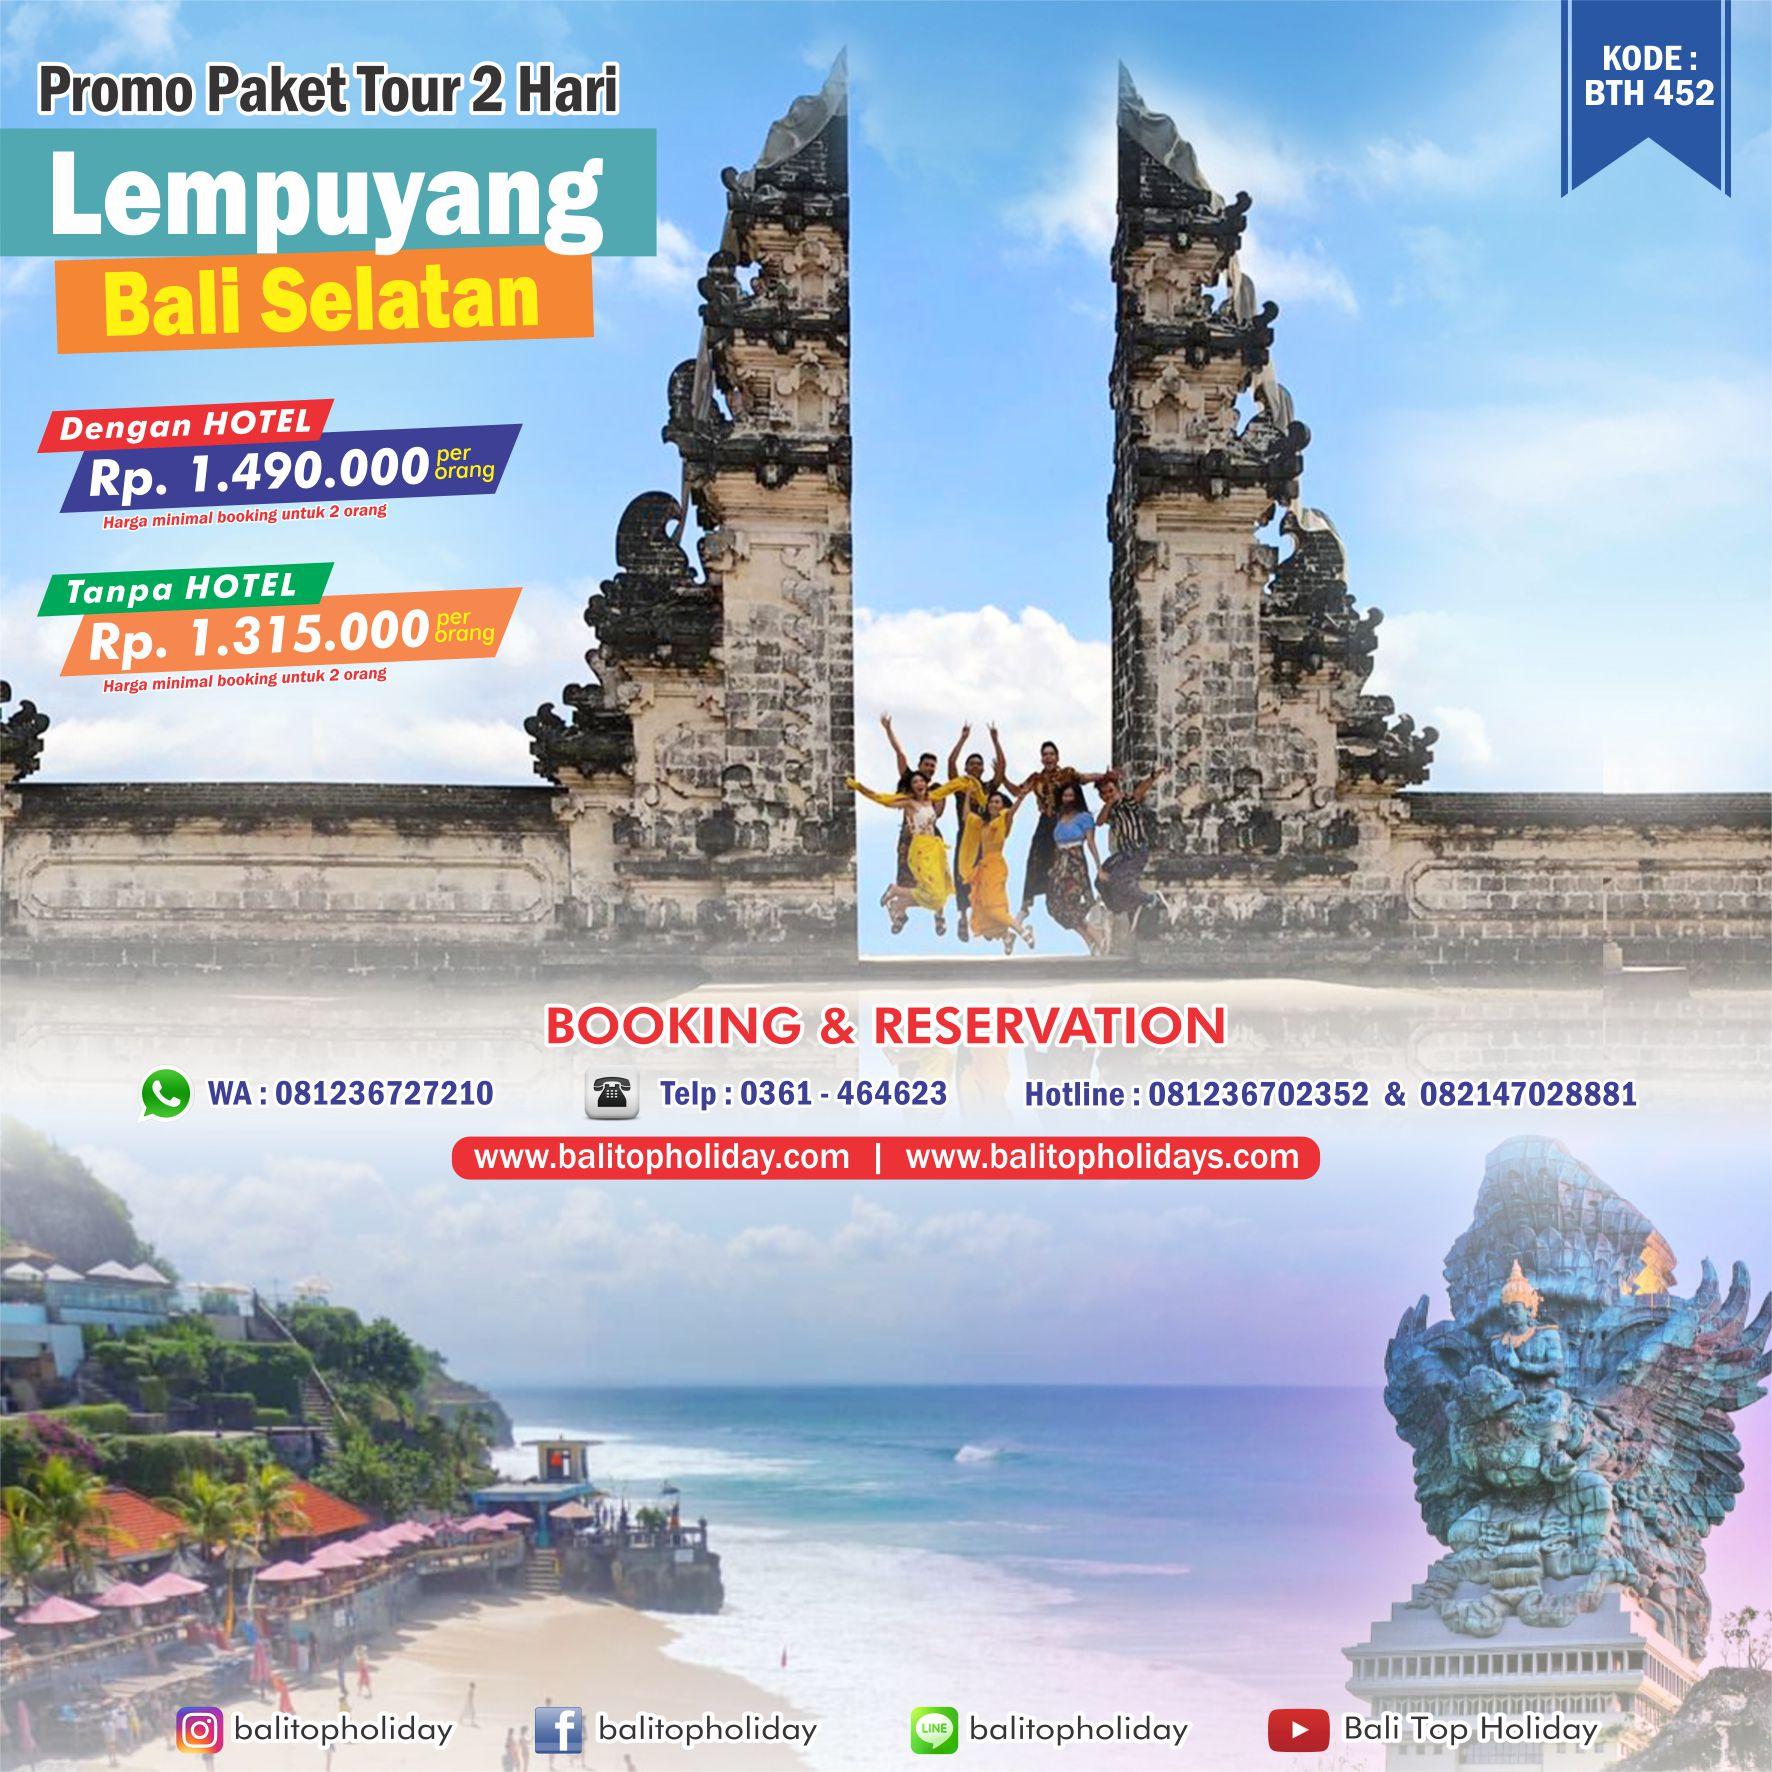 Paket Tour Bali 2 hari 1 Malam Lempuyang Bali Selatan